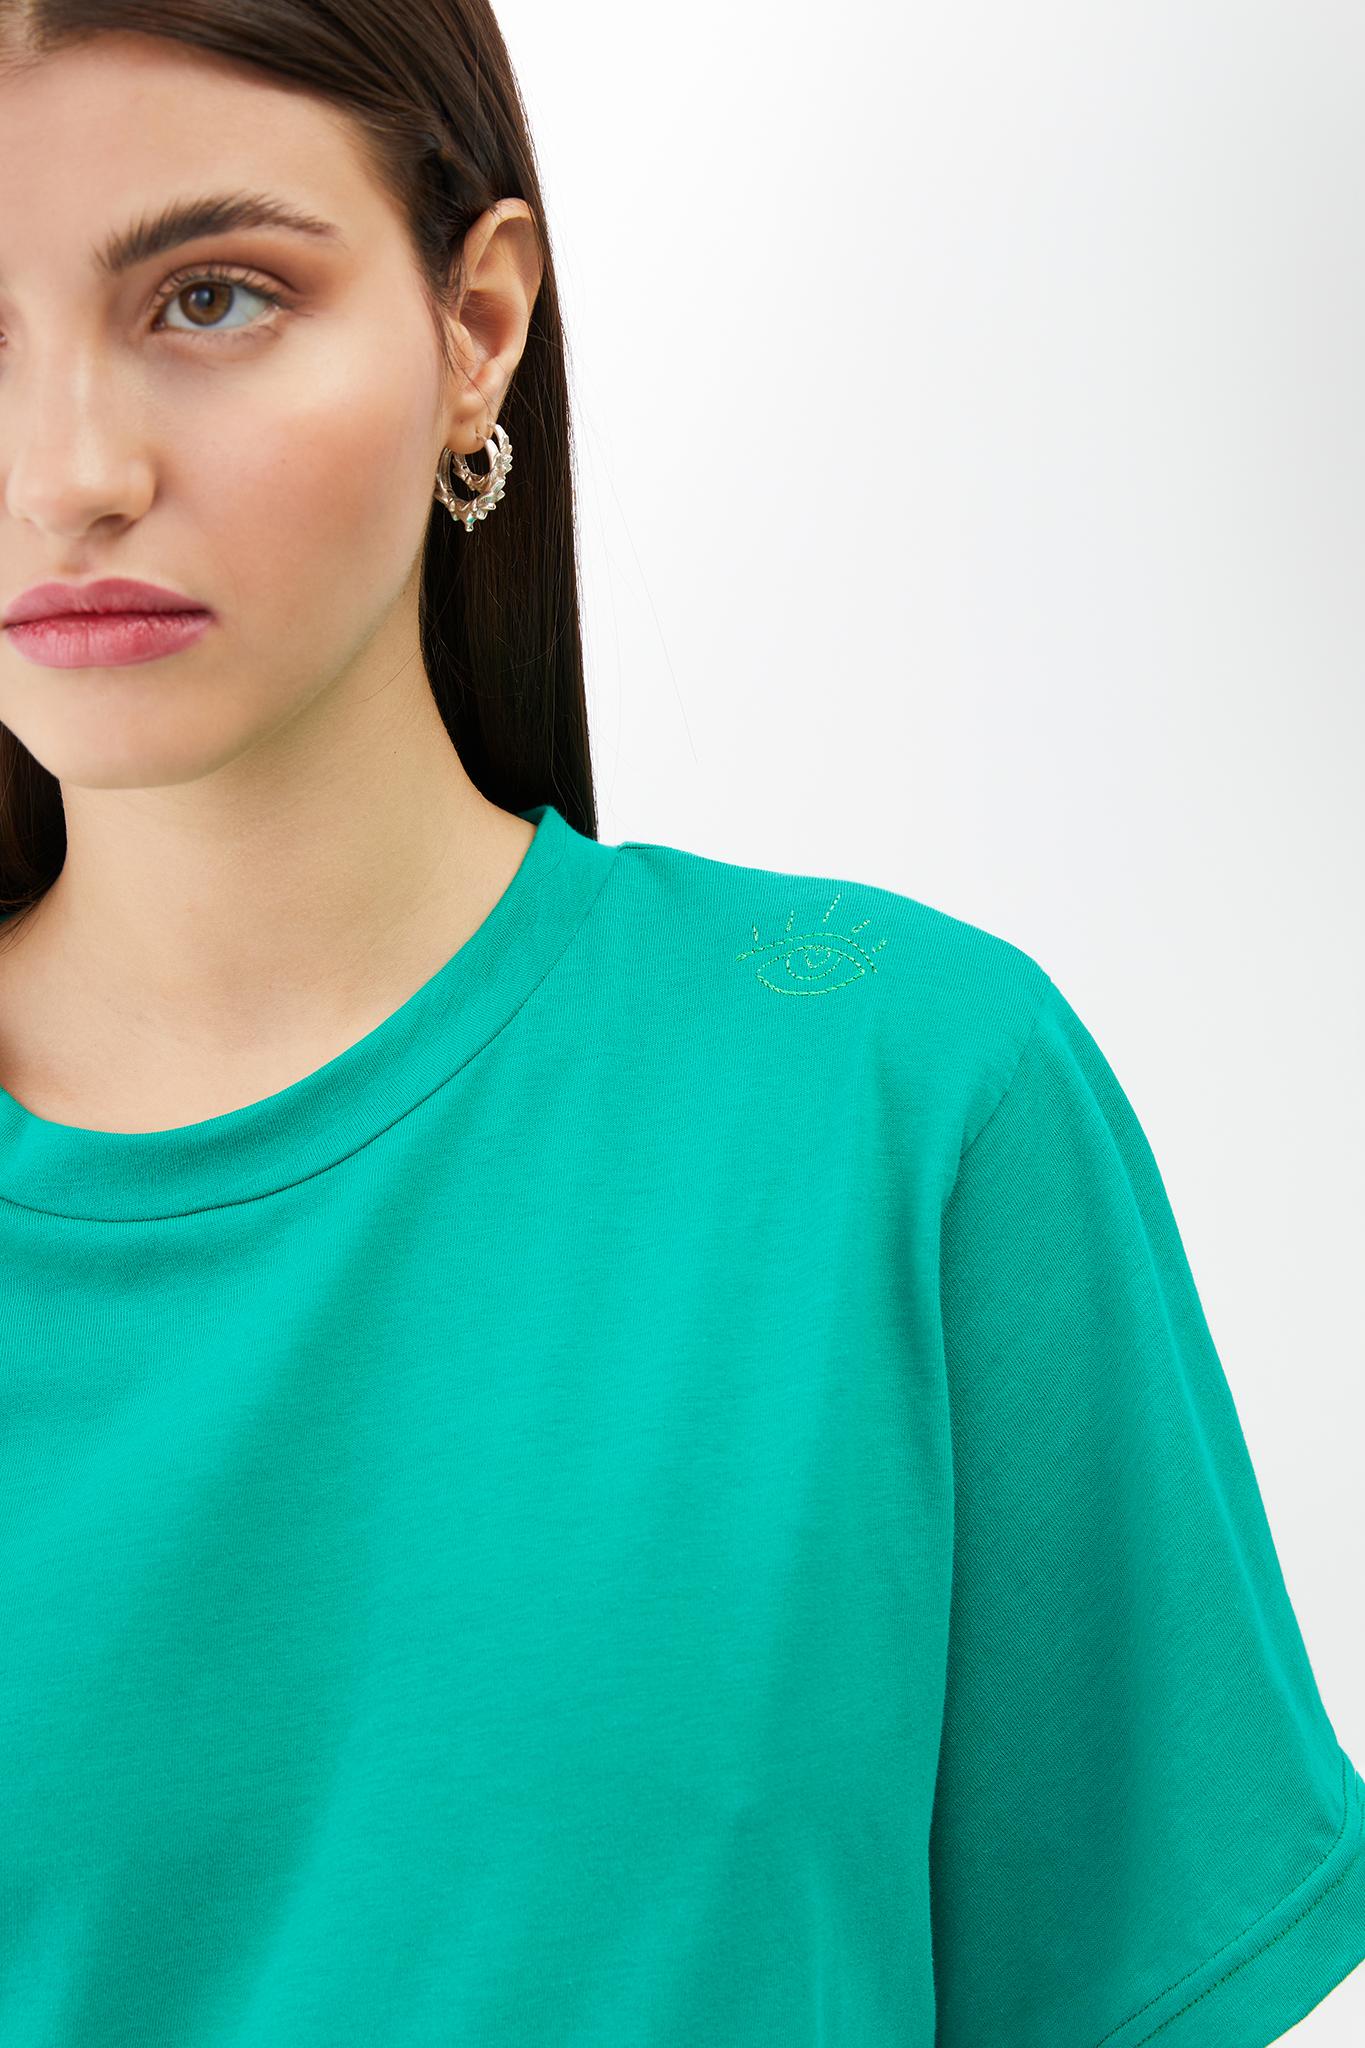 BLAMEYOURDAZE GREEN SHORT TSHIRT DRESS